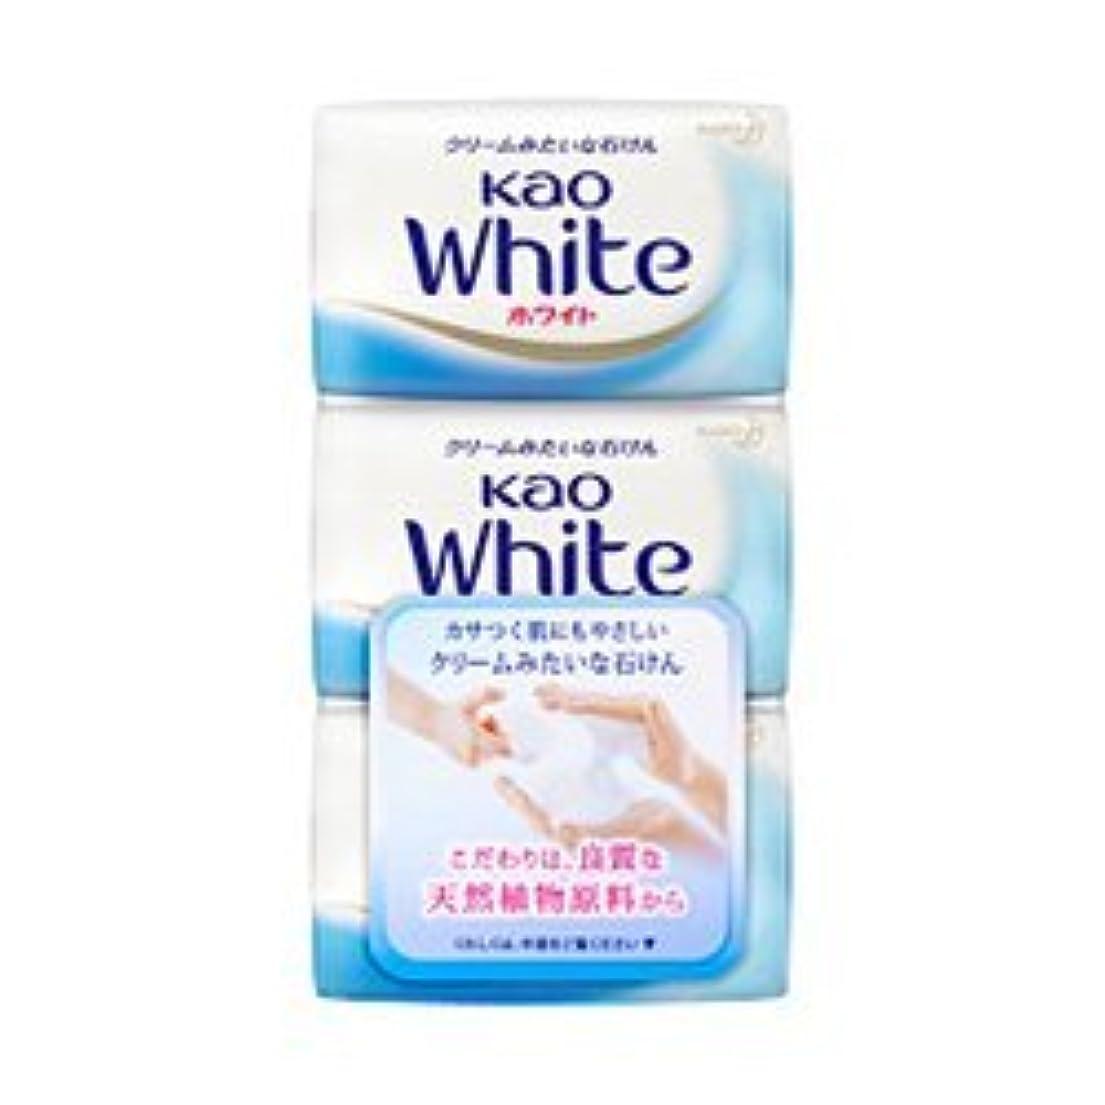 借りている店員ニンニク【花王】花王ホワイト レギュラーサイズ (85g×3個) ×5個セット